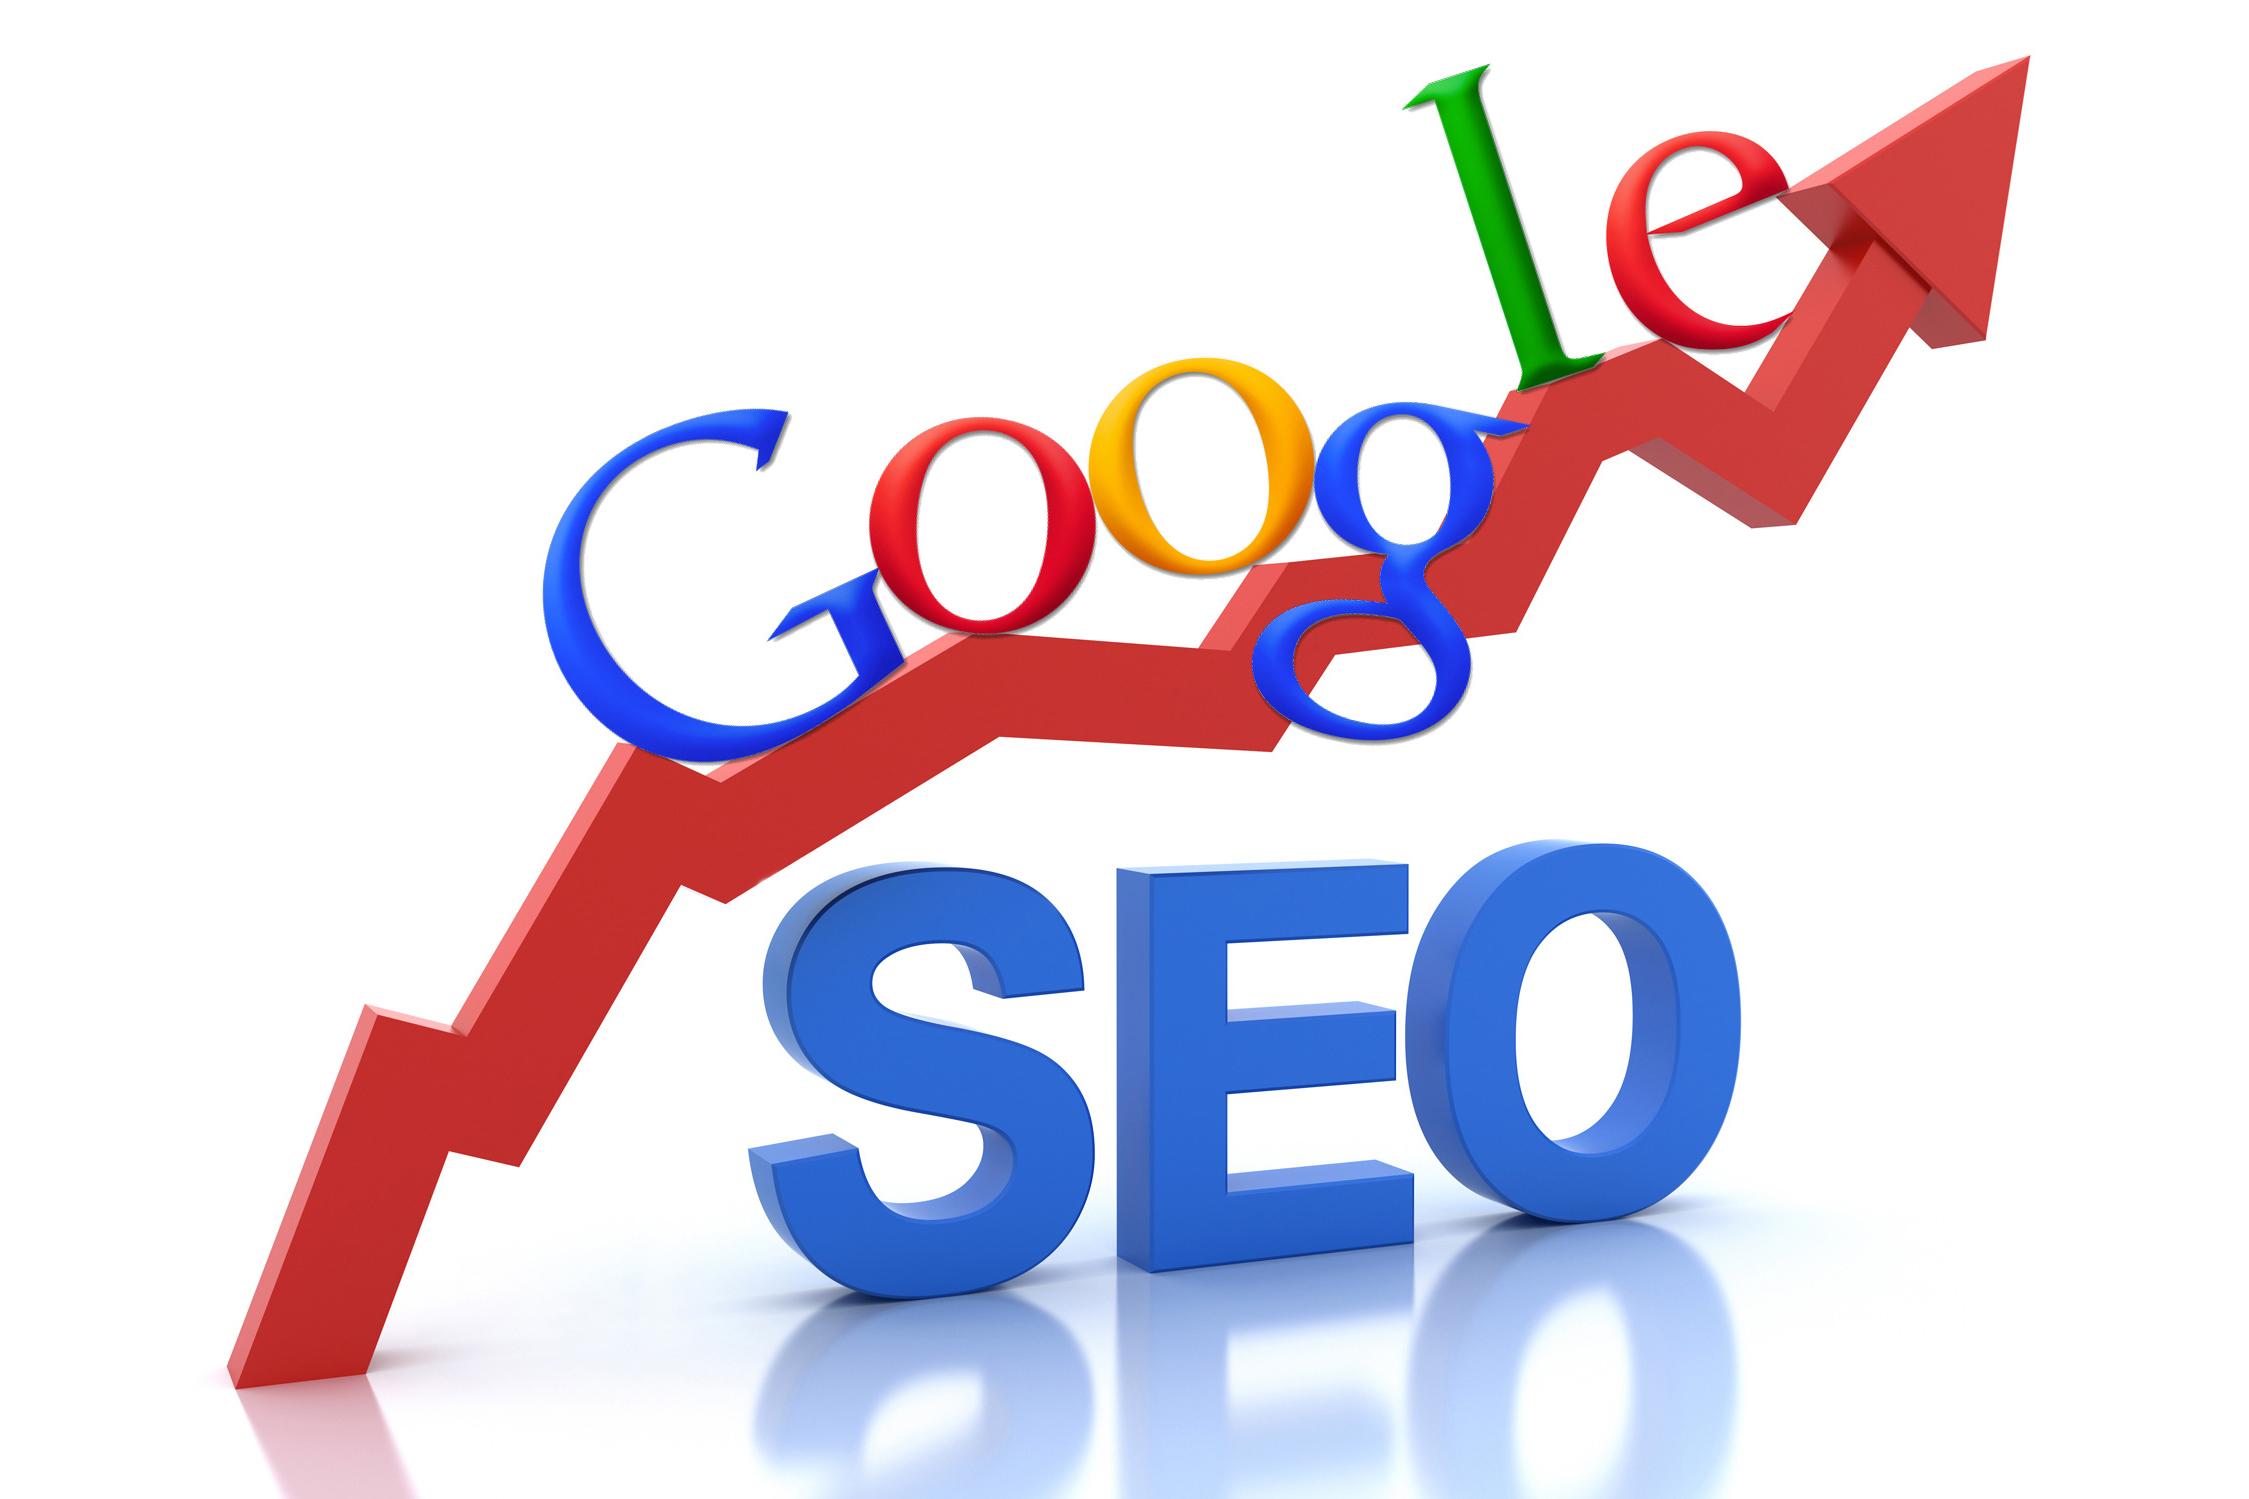 Раскрутка сайта в поисковой системе Гугл (Google)